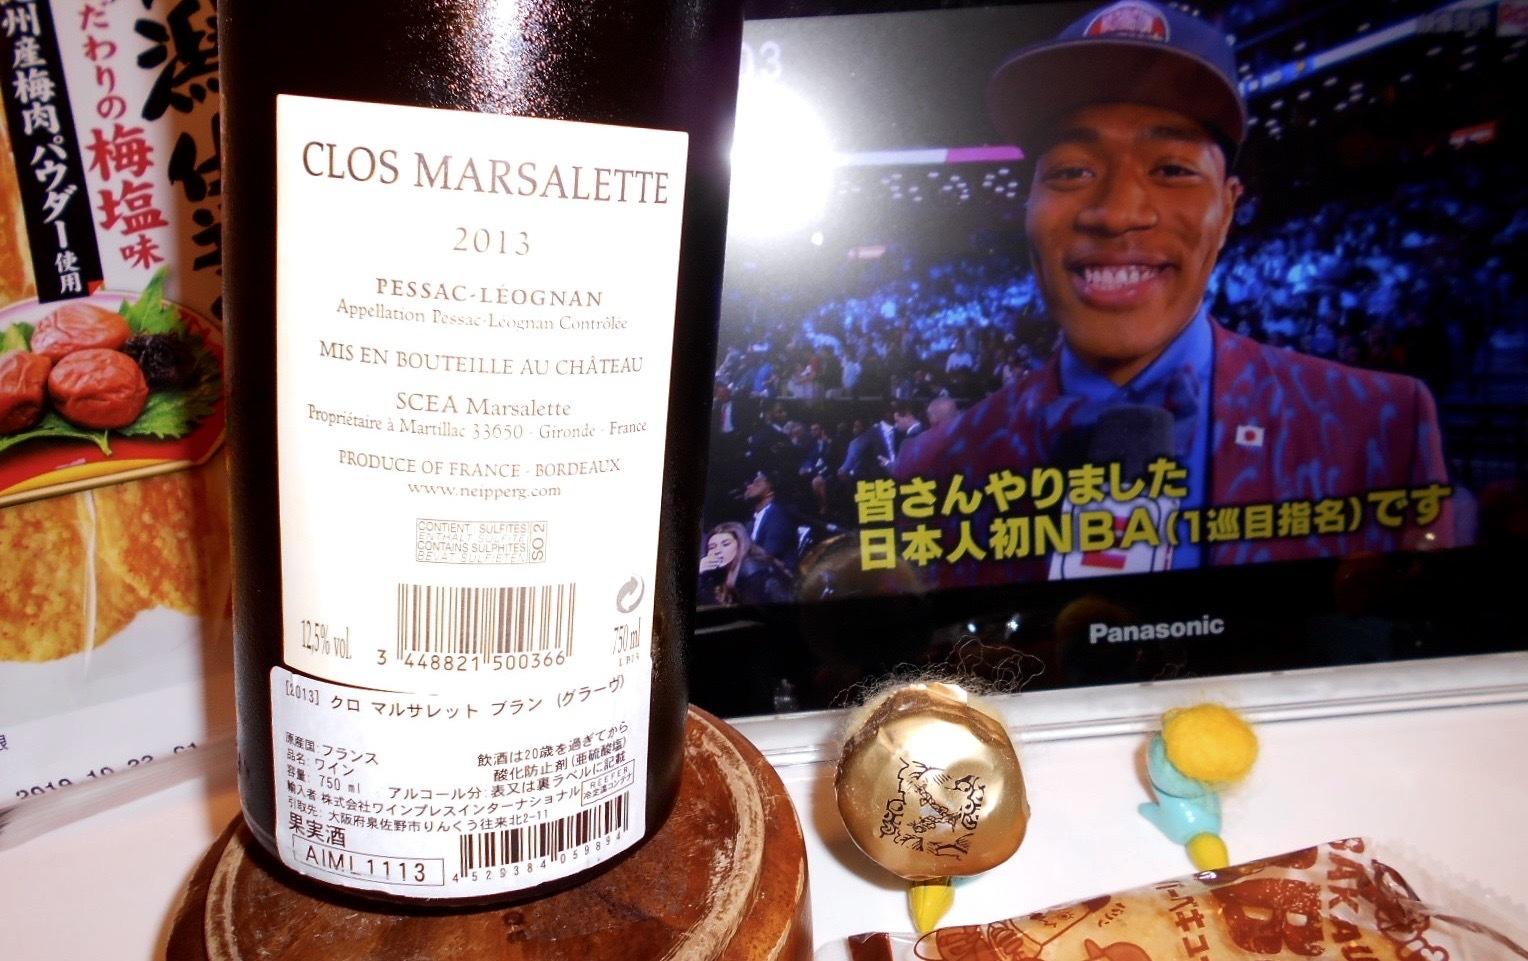 2019_6_23Clos_Marsalette8938.jpg